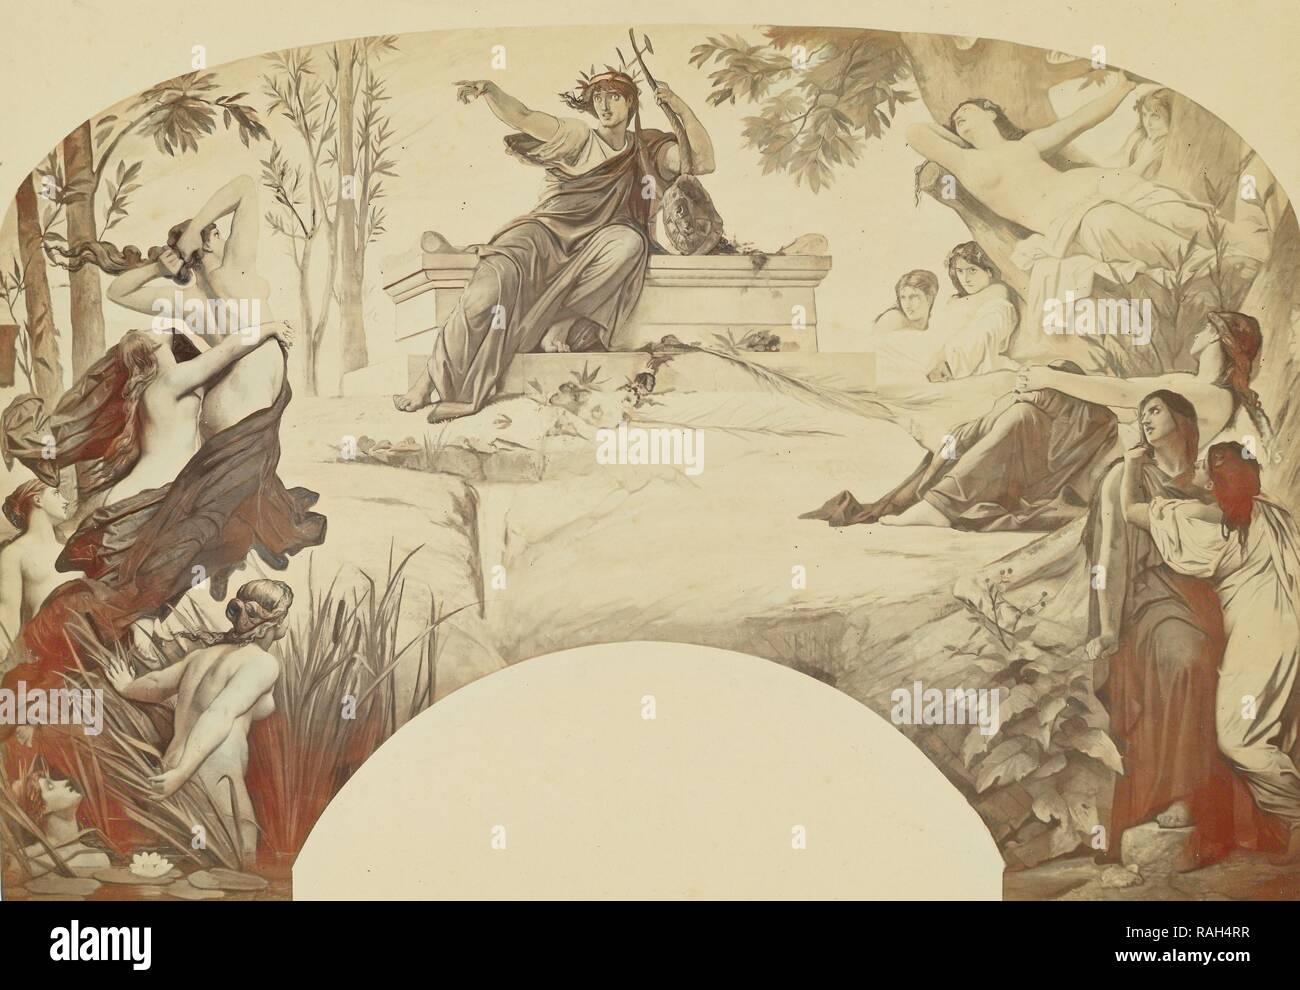 La Musique dramatique, Louis-Émile Durandelle (French, 1839 - 1917), Paris, France, about 1875, Albumen silver print reimagined - Stock Image